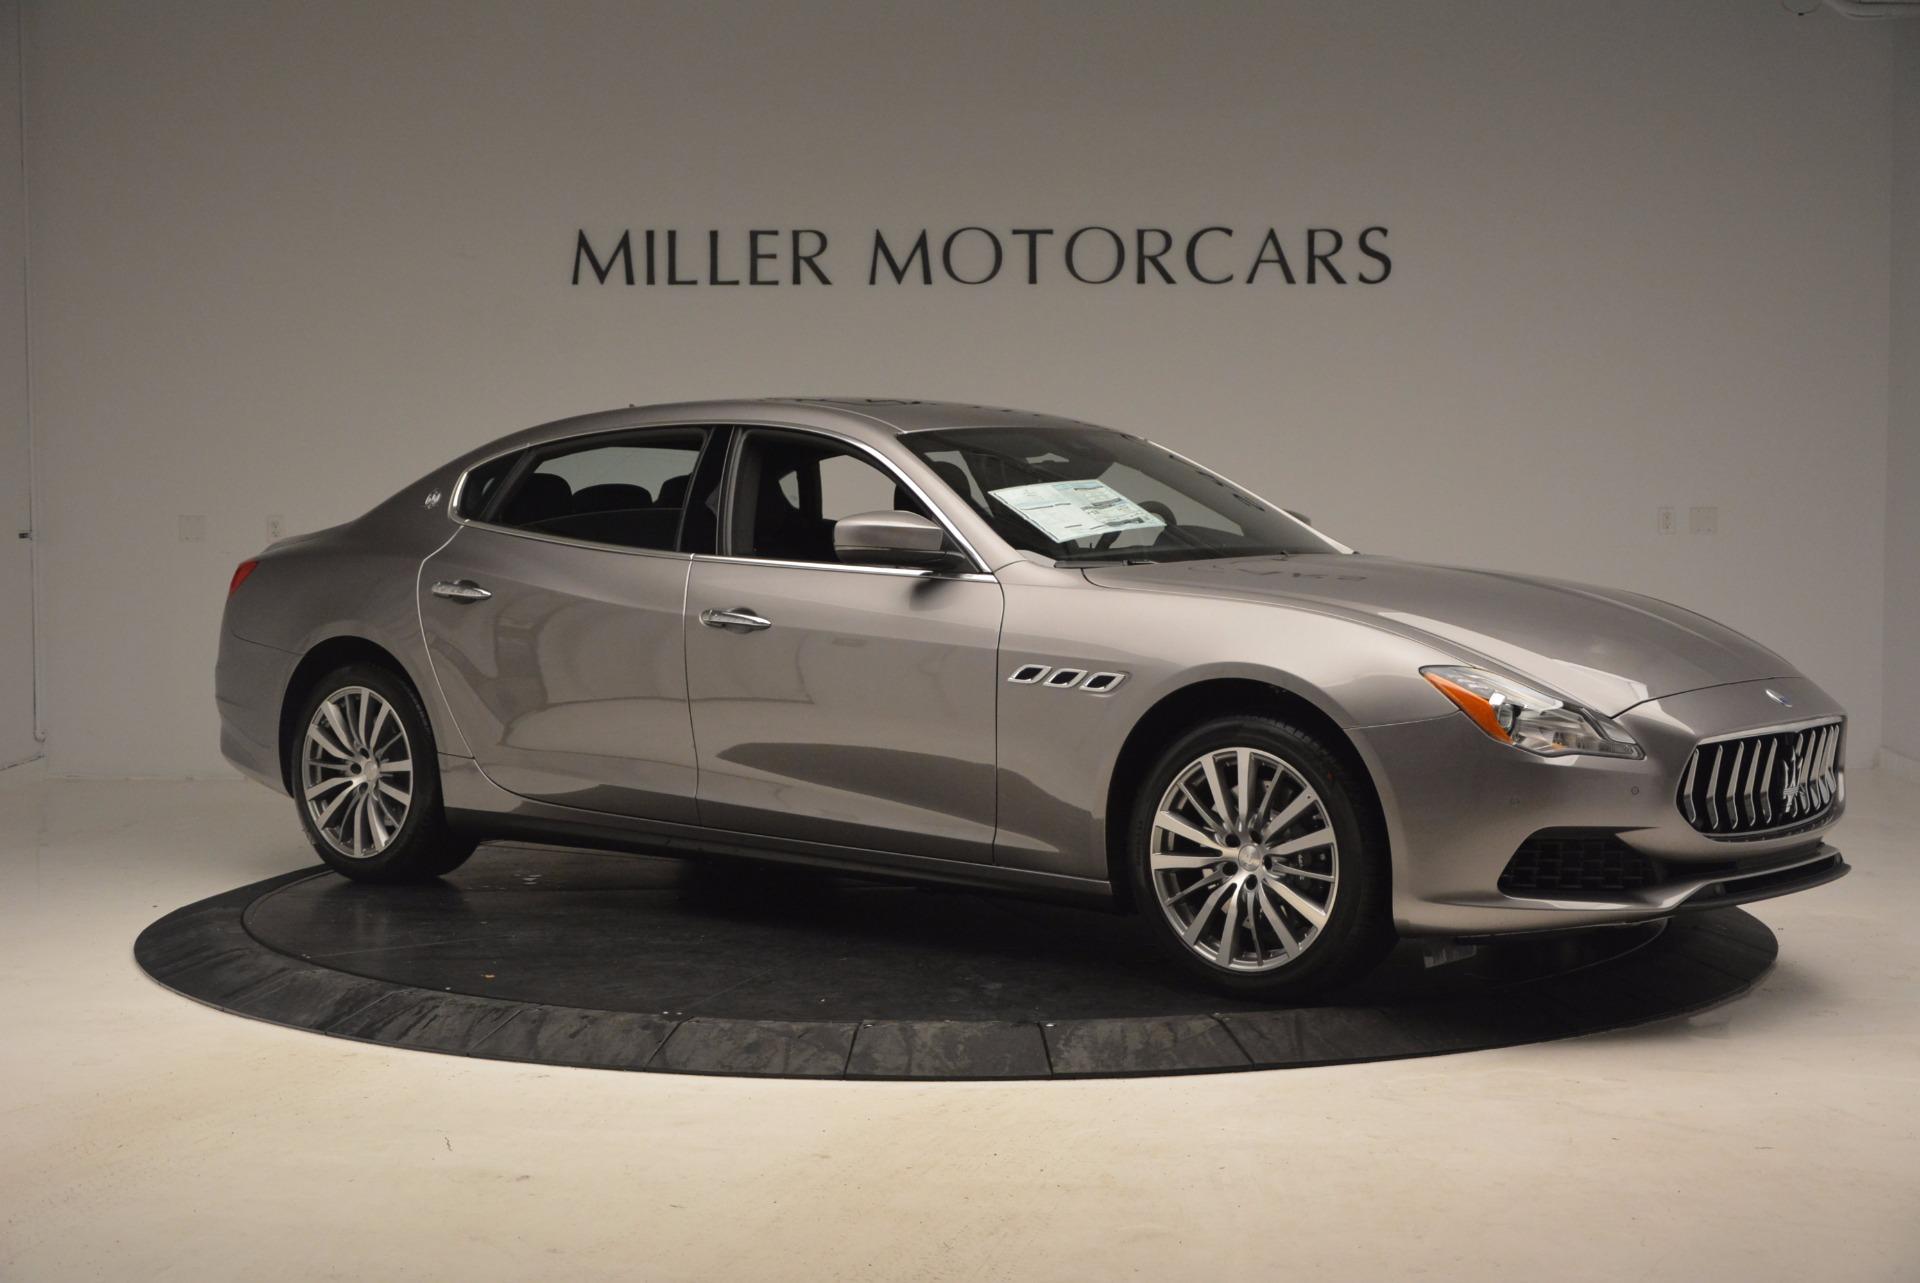 New 2017 Maserati Quattroporte SQ4 For Sale In Greenwich, CT 1066_p10